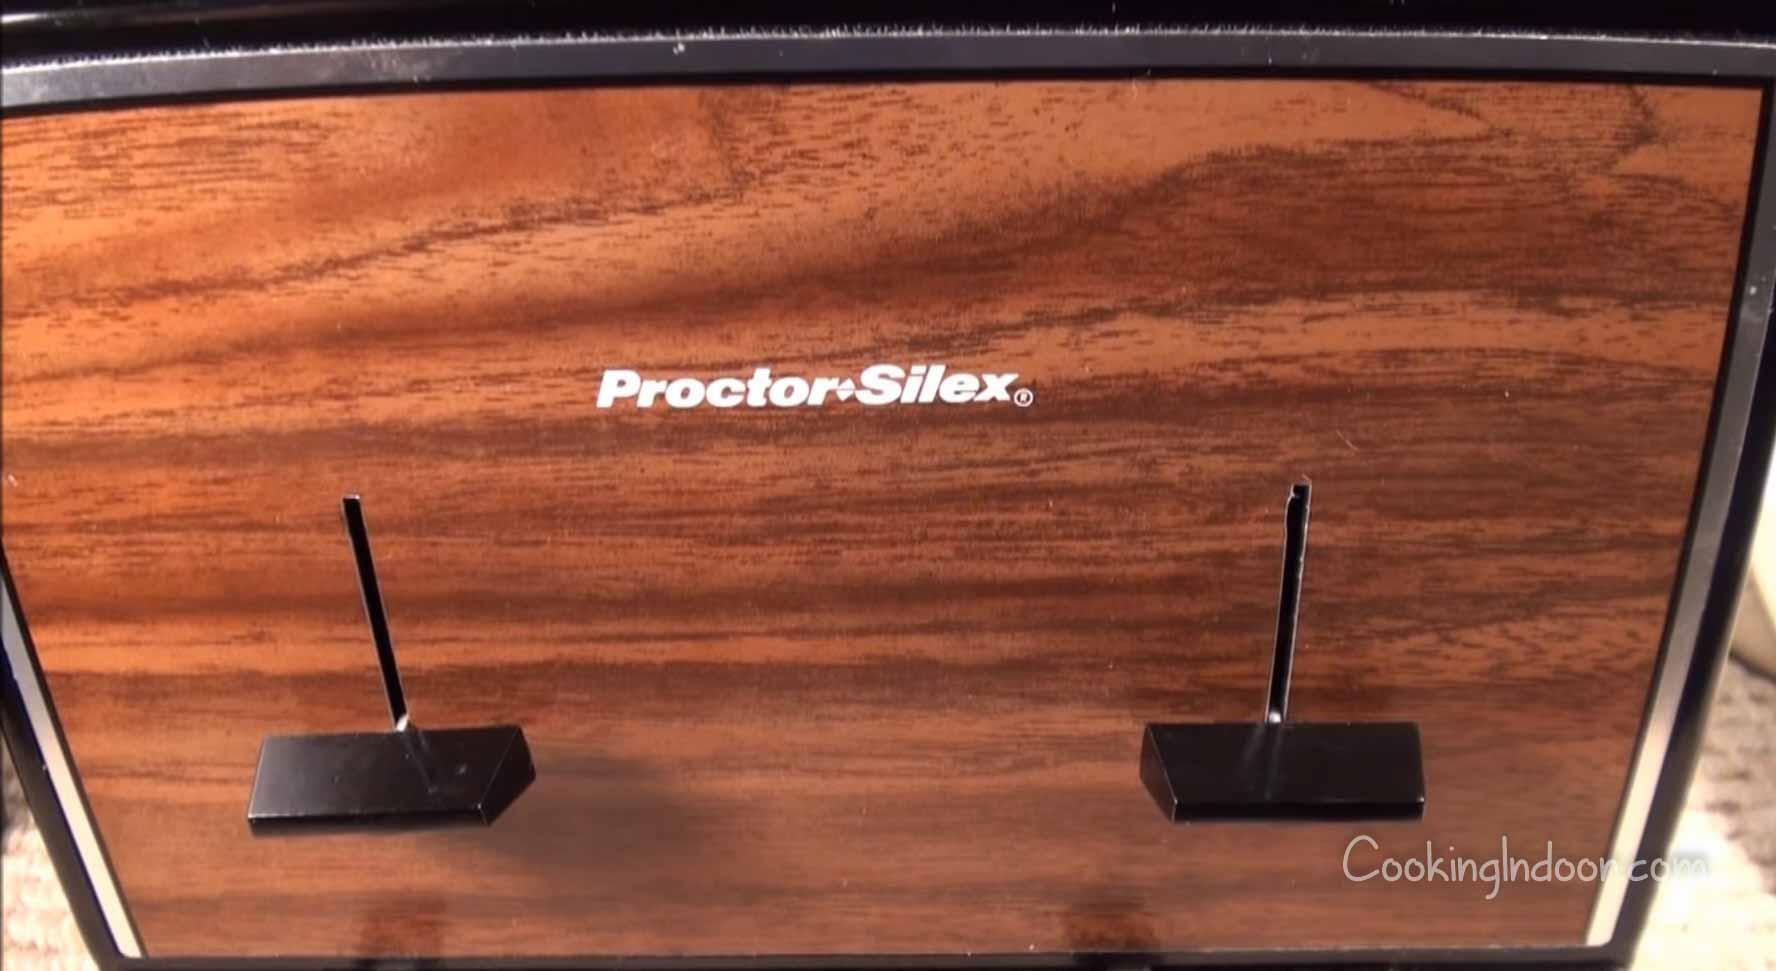 Best proctor silex toaster